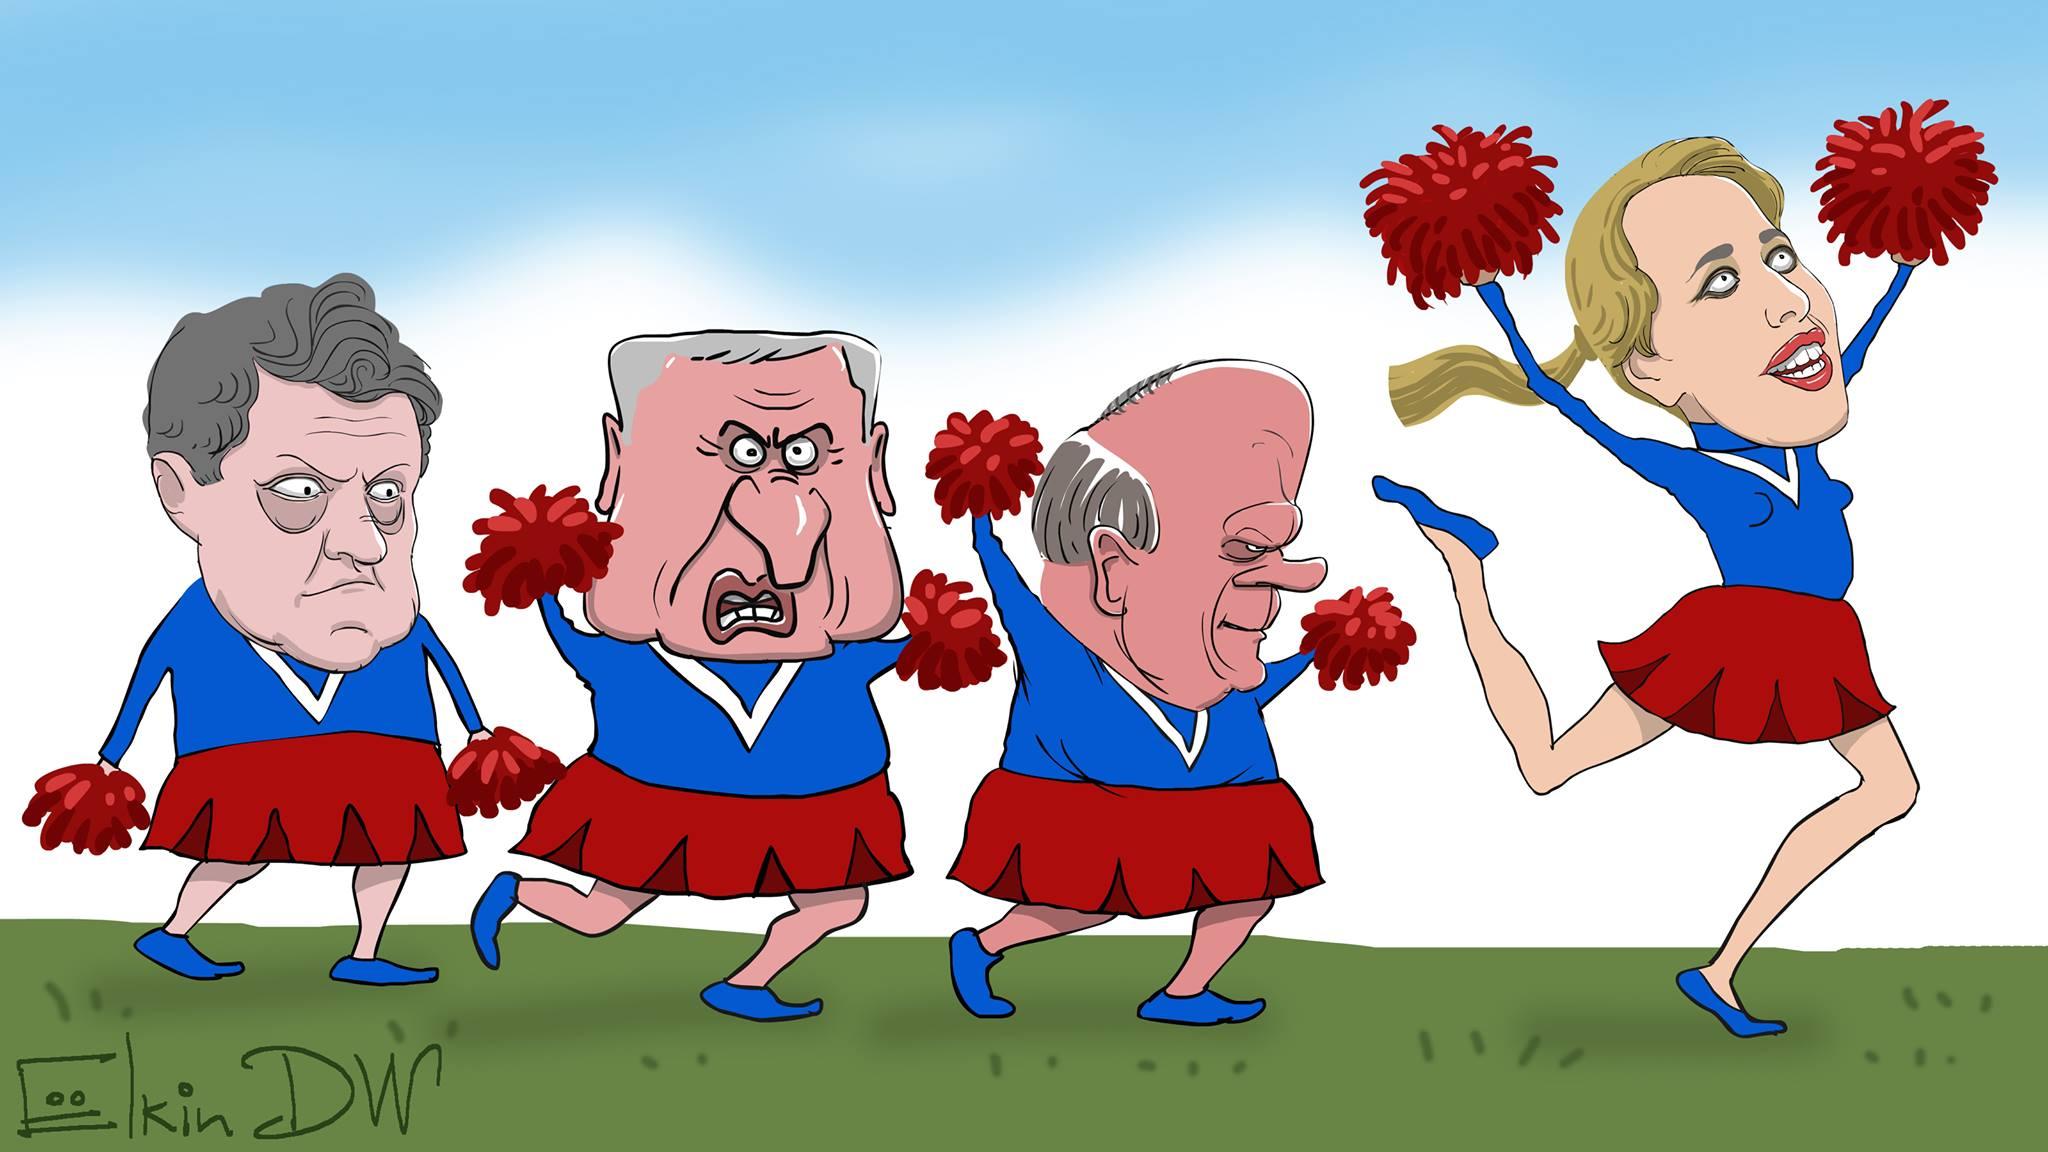 Выдвижение Ксении Собчак впрезиденты РФ, Жириновский называет «опасным»